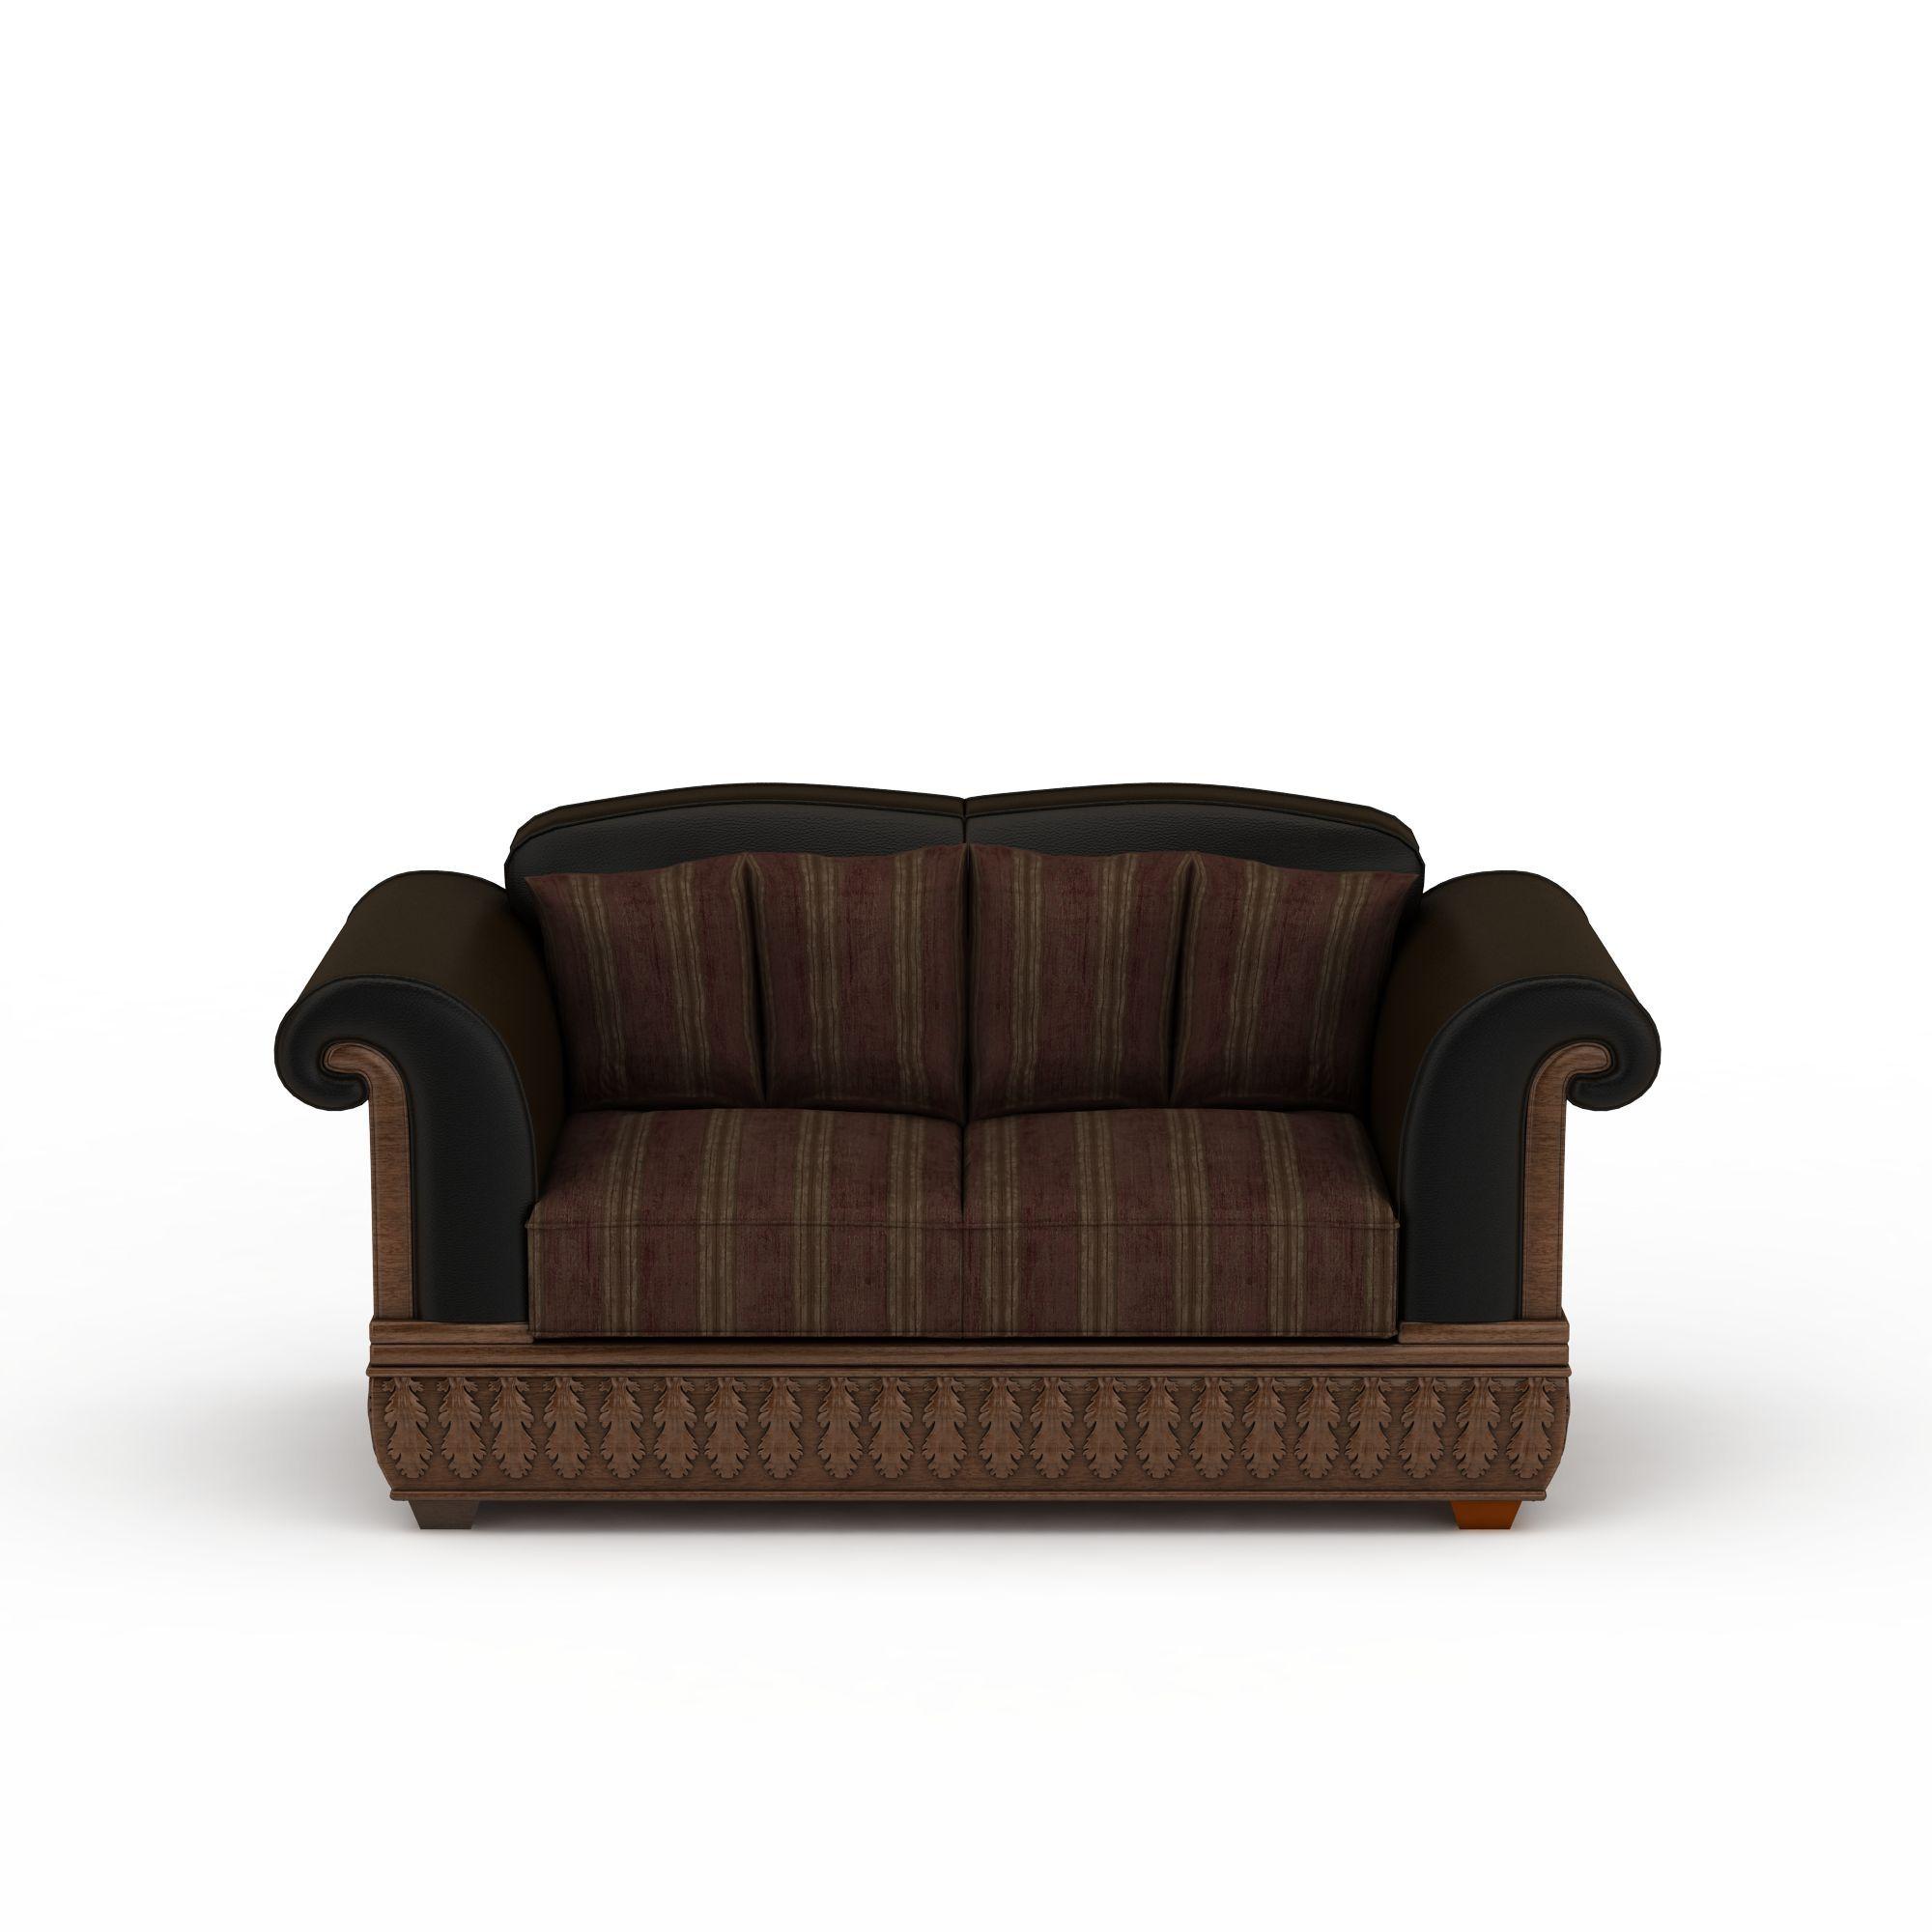 双人沙发图片_双人沙发png图片素材_双人沙发png高清